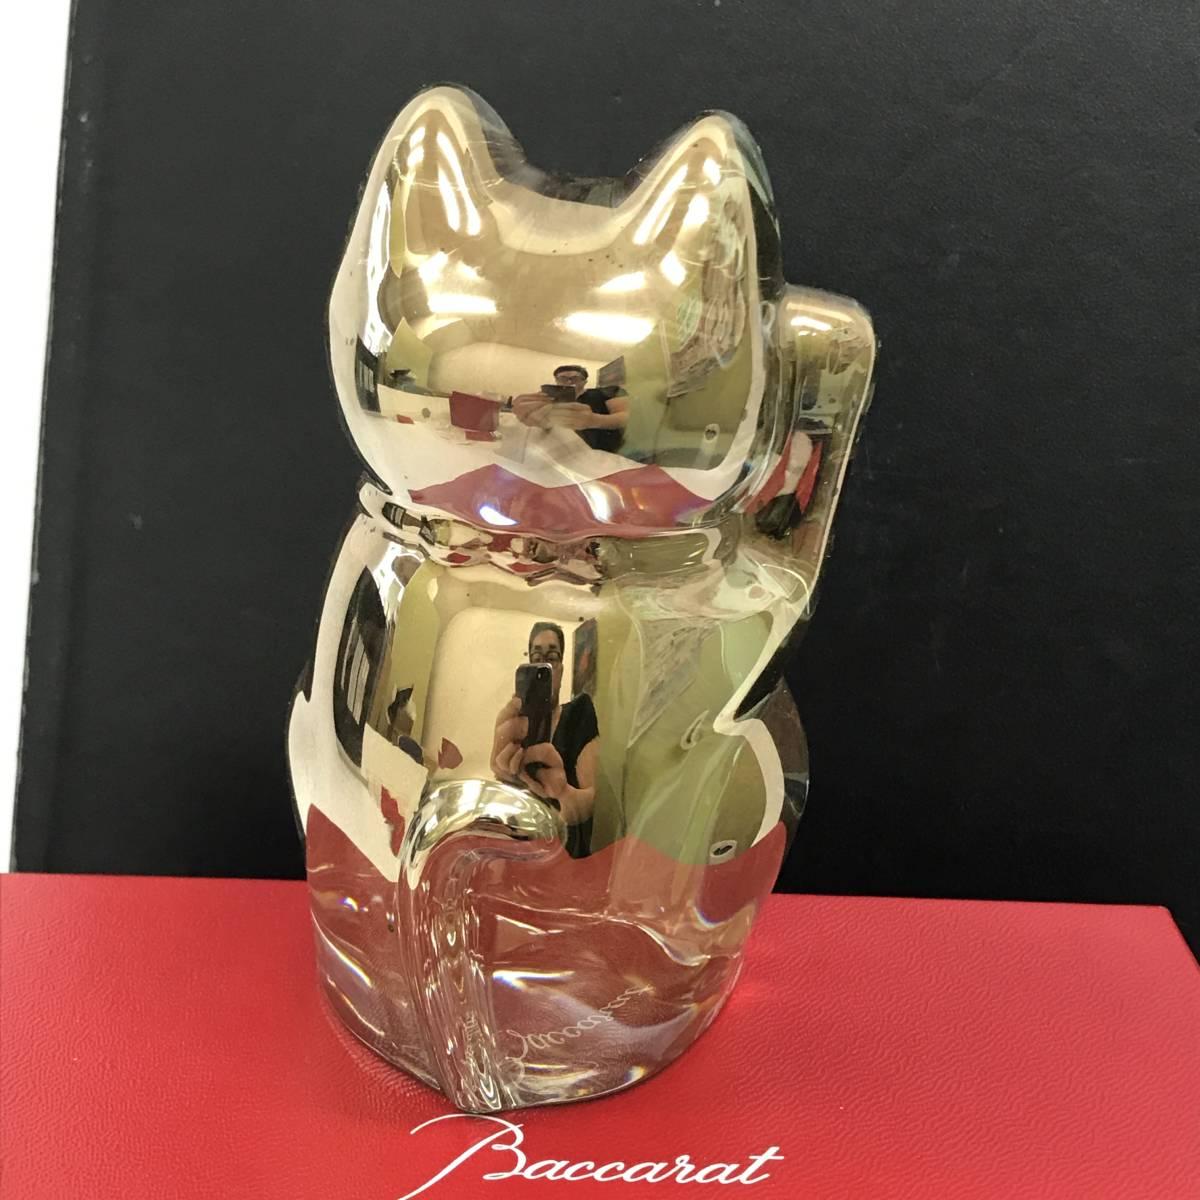 F 保管品 Baccarat バカラ 招き猫 ラッキーキャット ゴールド クリスタル 置物 フィギュリン 高さ 10cm 重さ500g 箱カード_画像6